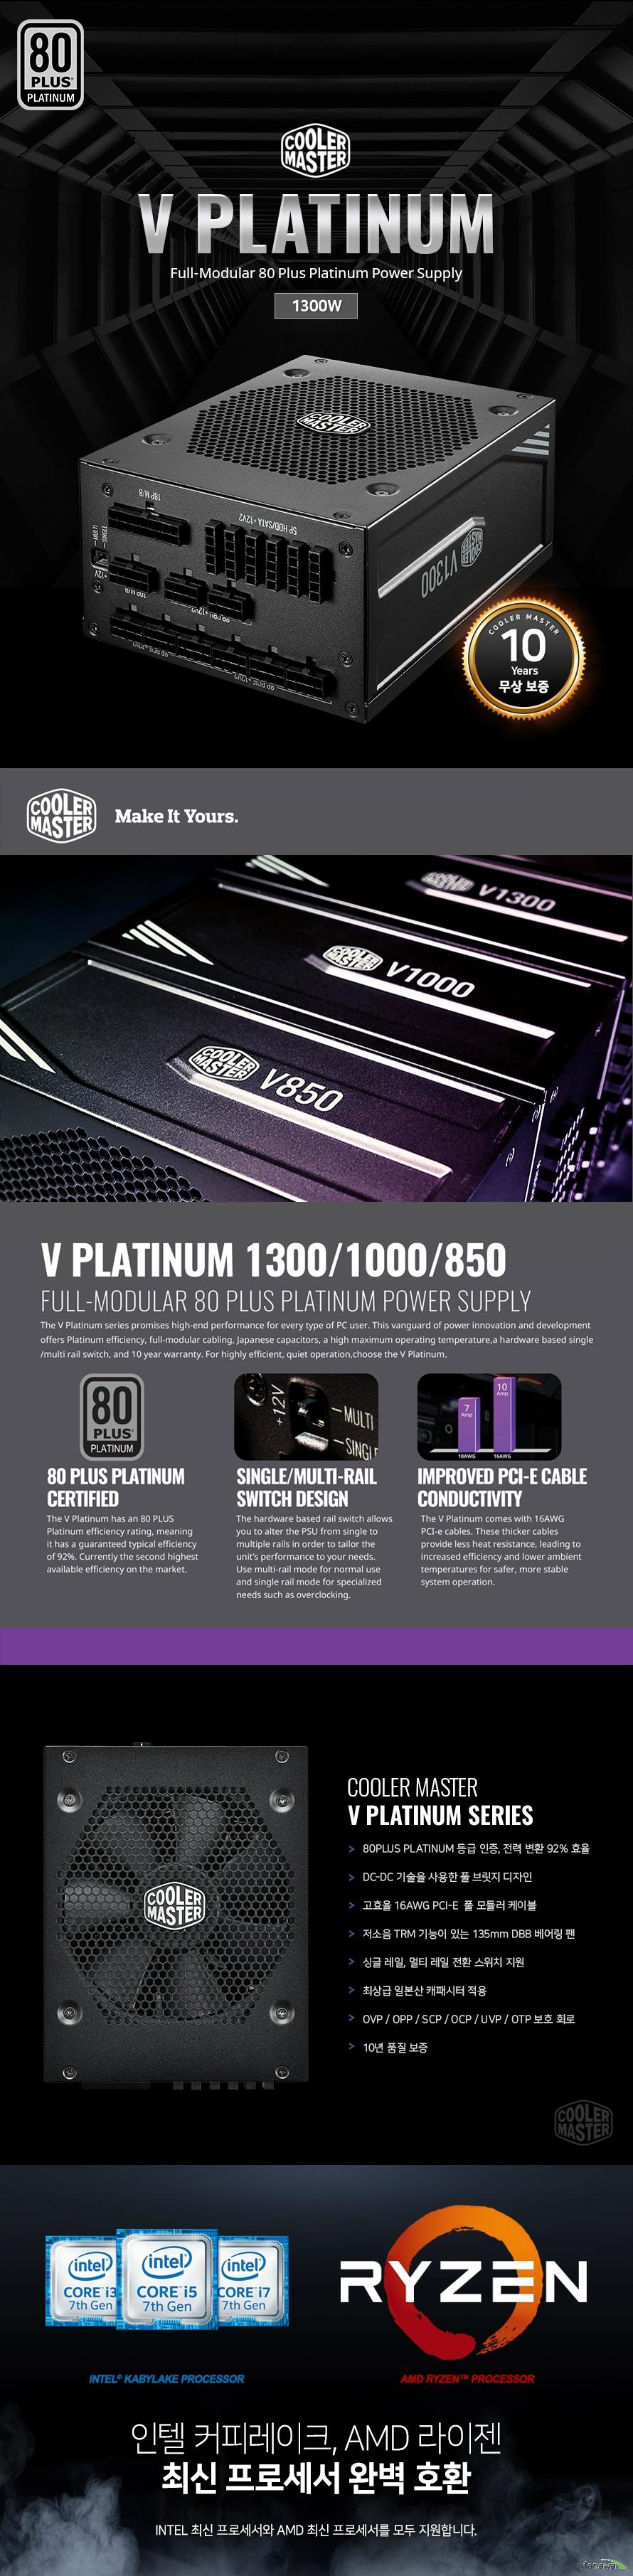 쿨러마스터 PLATINUM V1300 FULL MODULAR